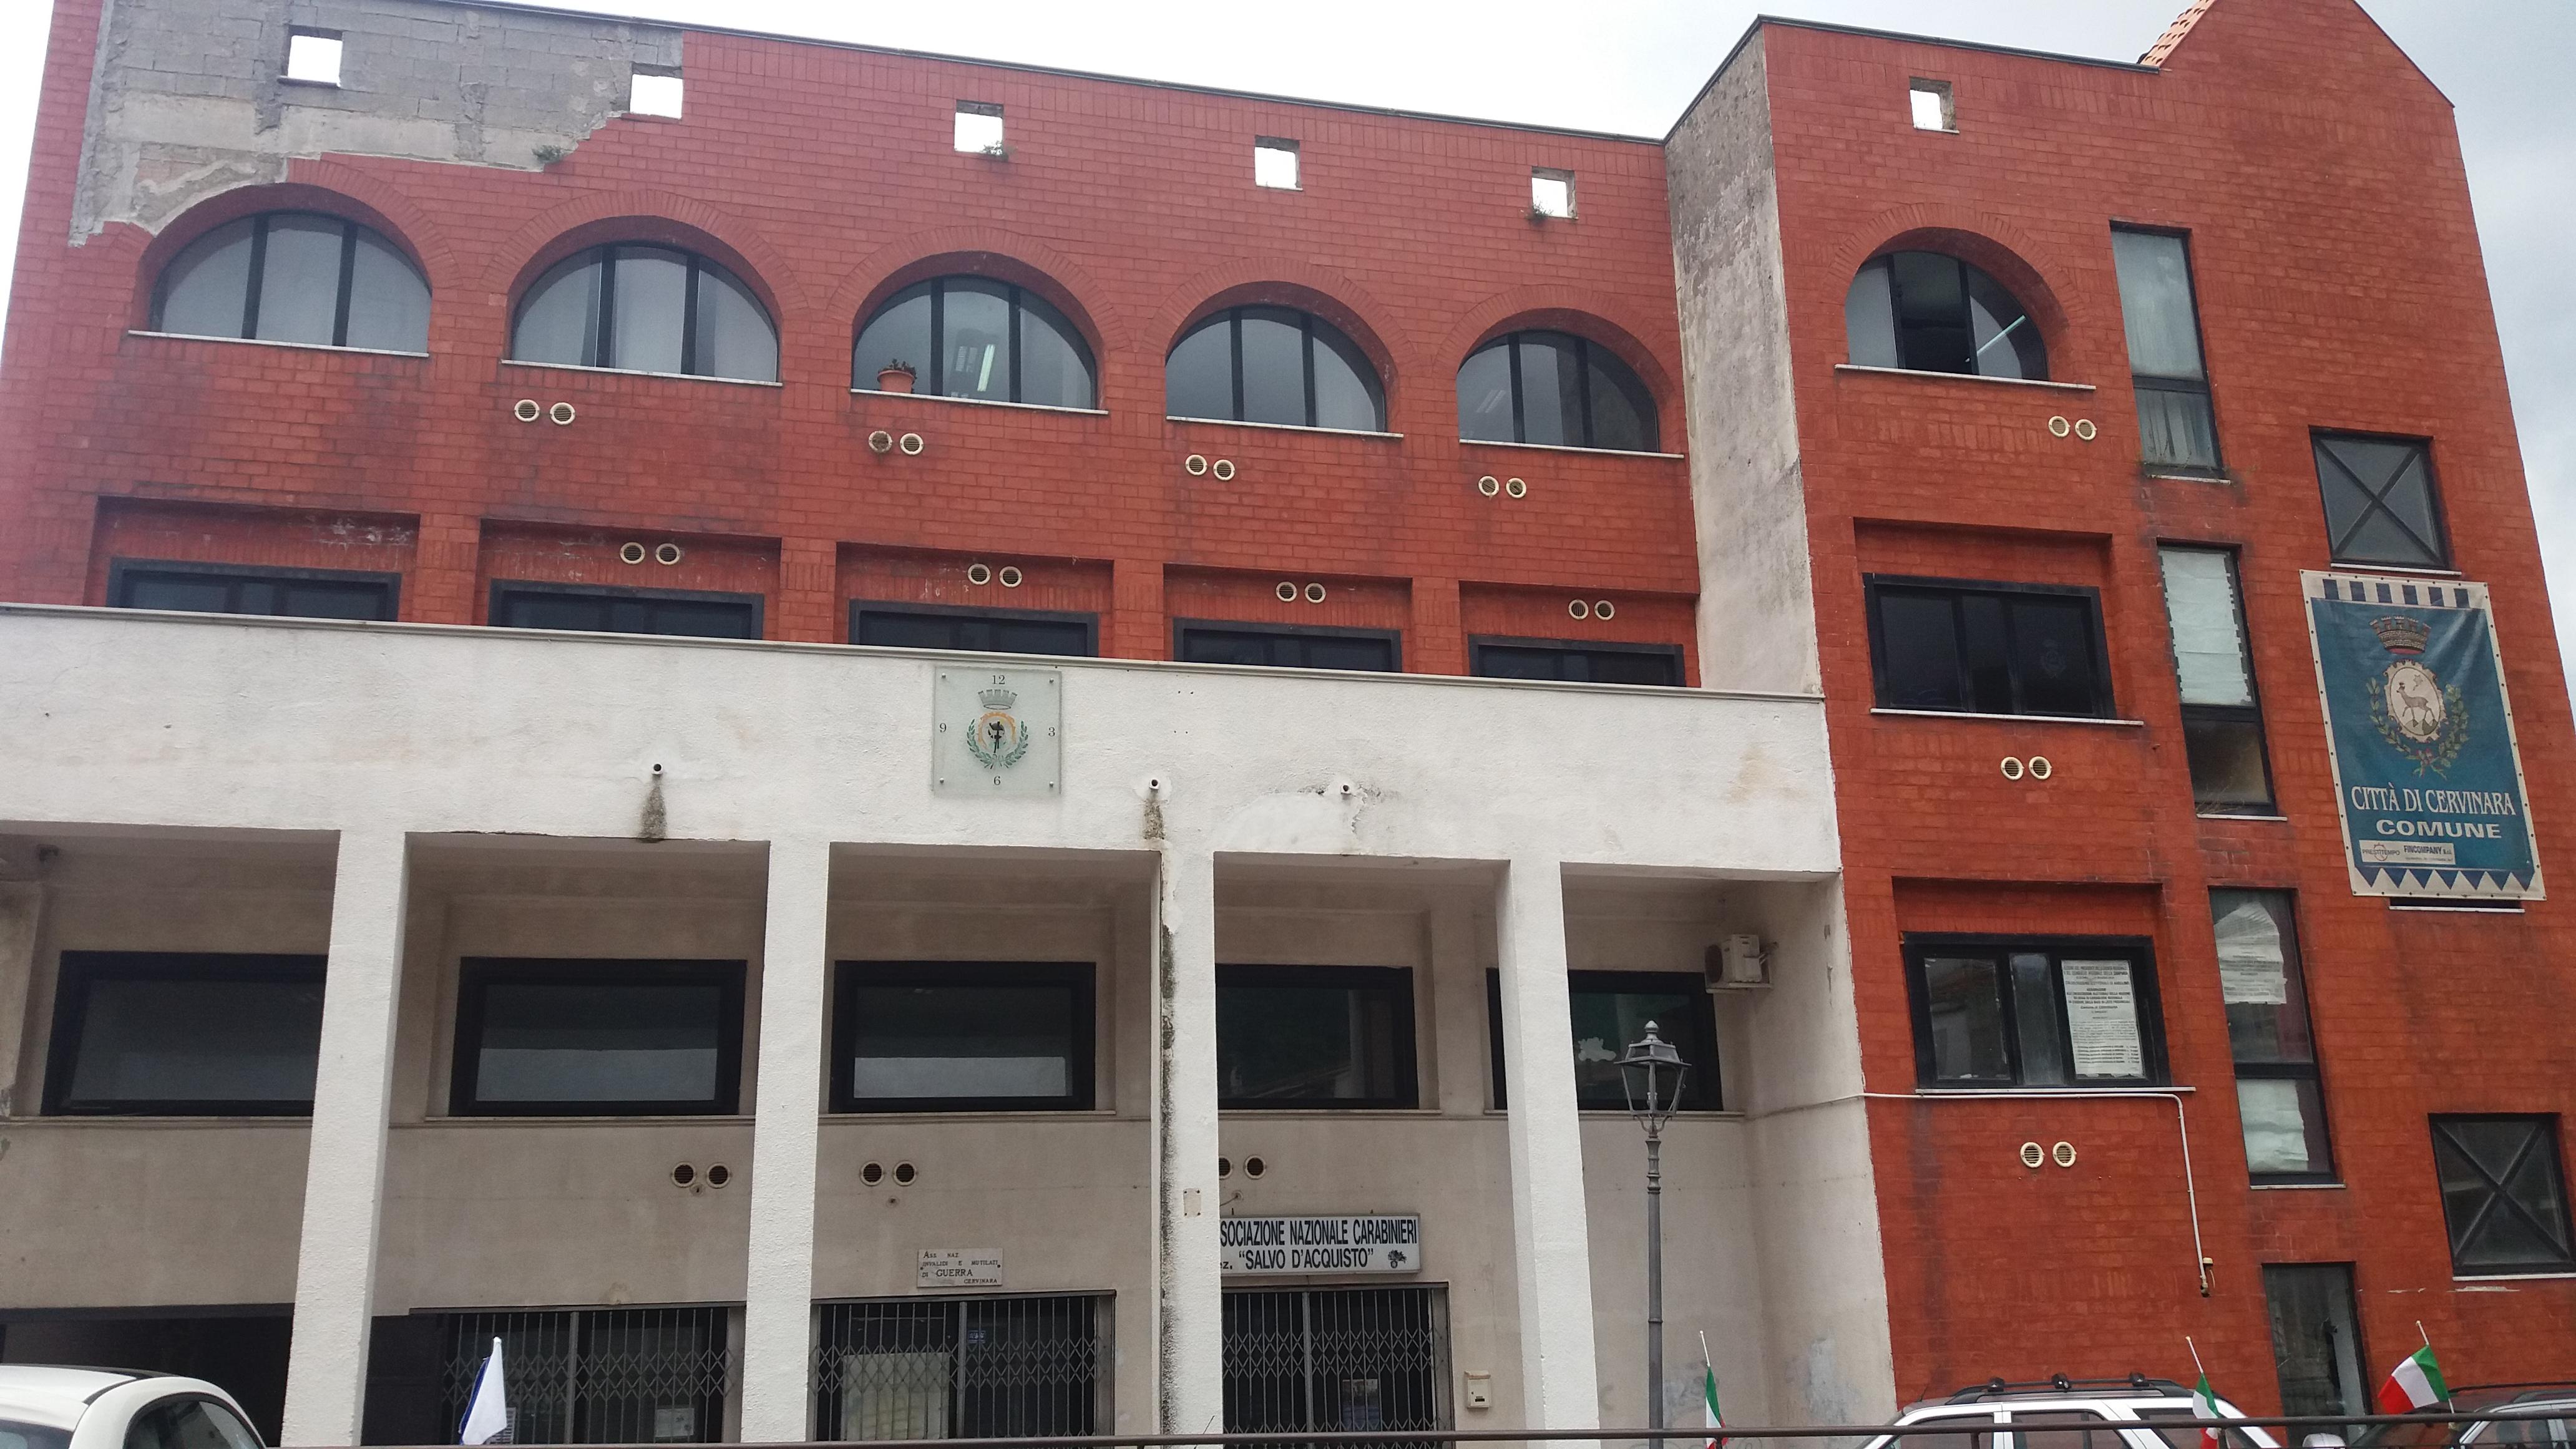 Cervinara| Scuola Ioffredo, parte la ristrutturazione